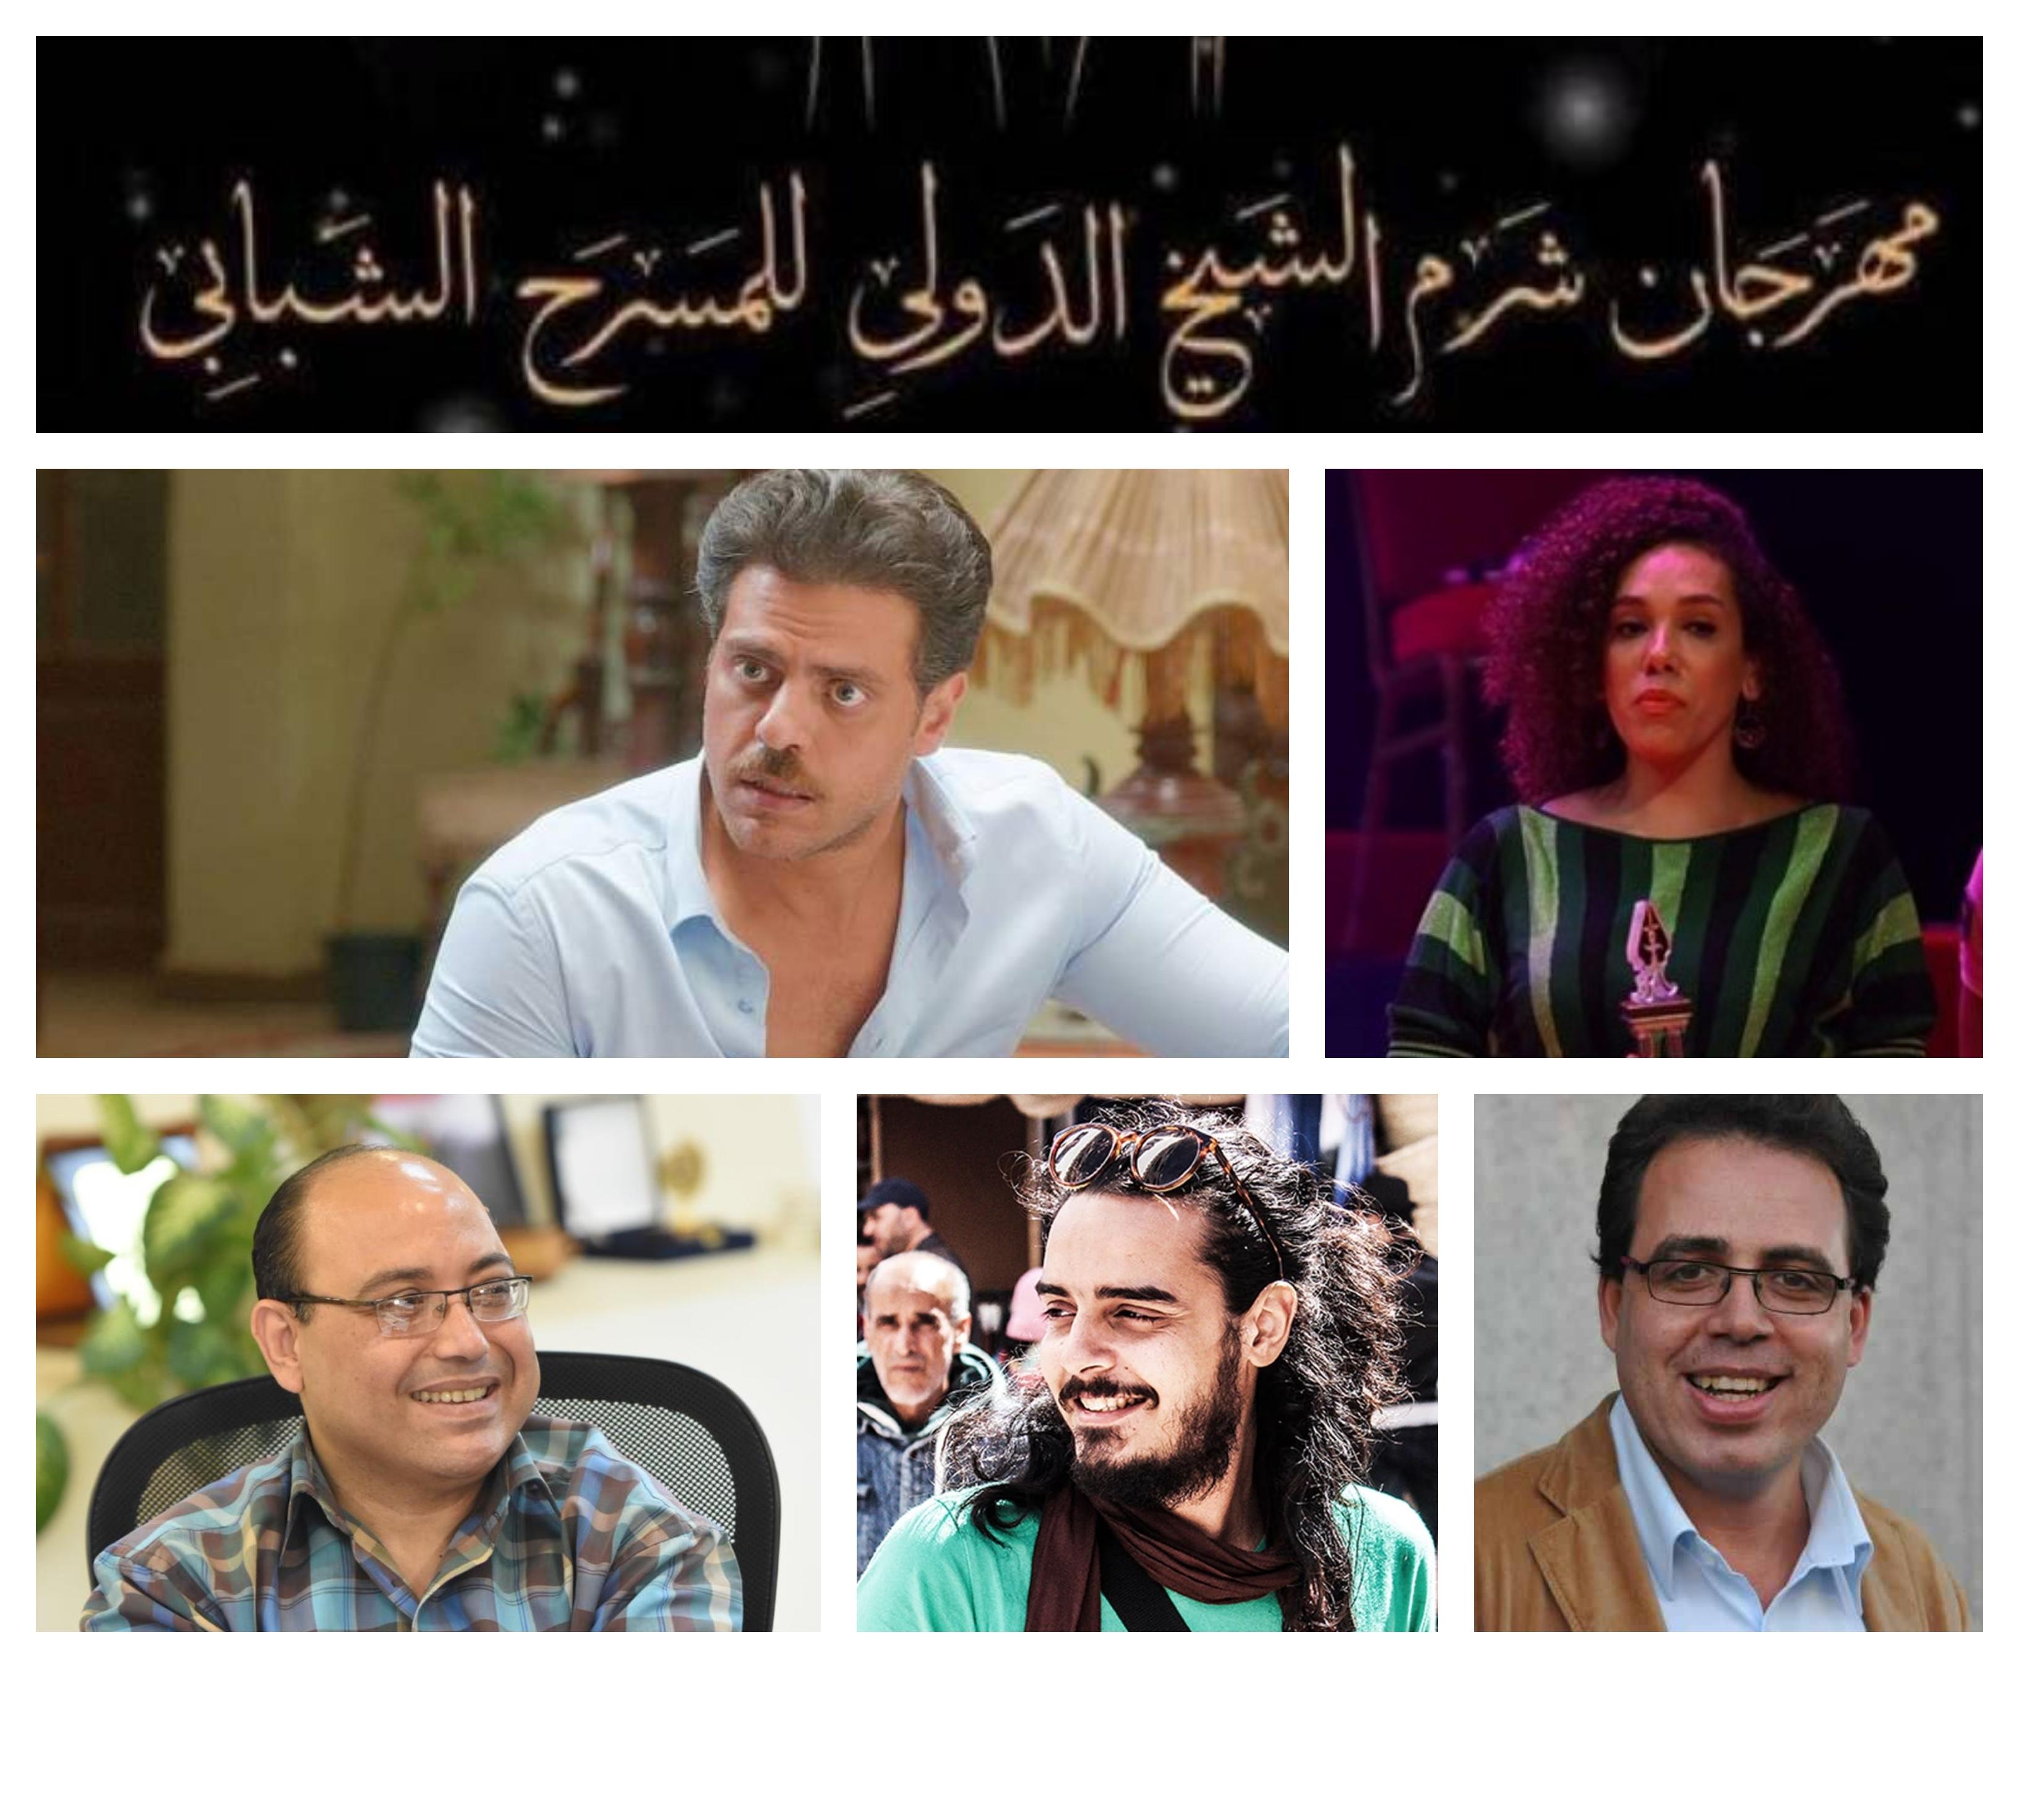 لجنة مشاهدة العروض واختيارها بمهرجان شرم الشيخ الدولي للمسرح الشبابي